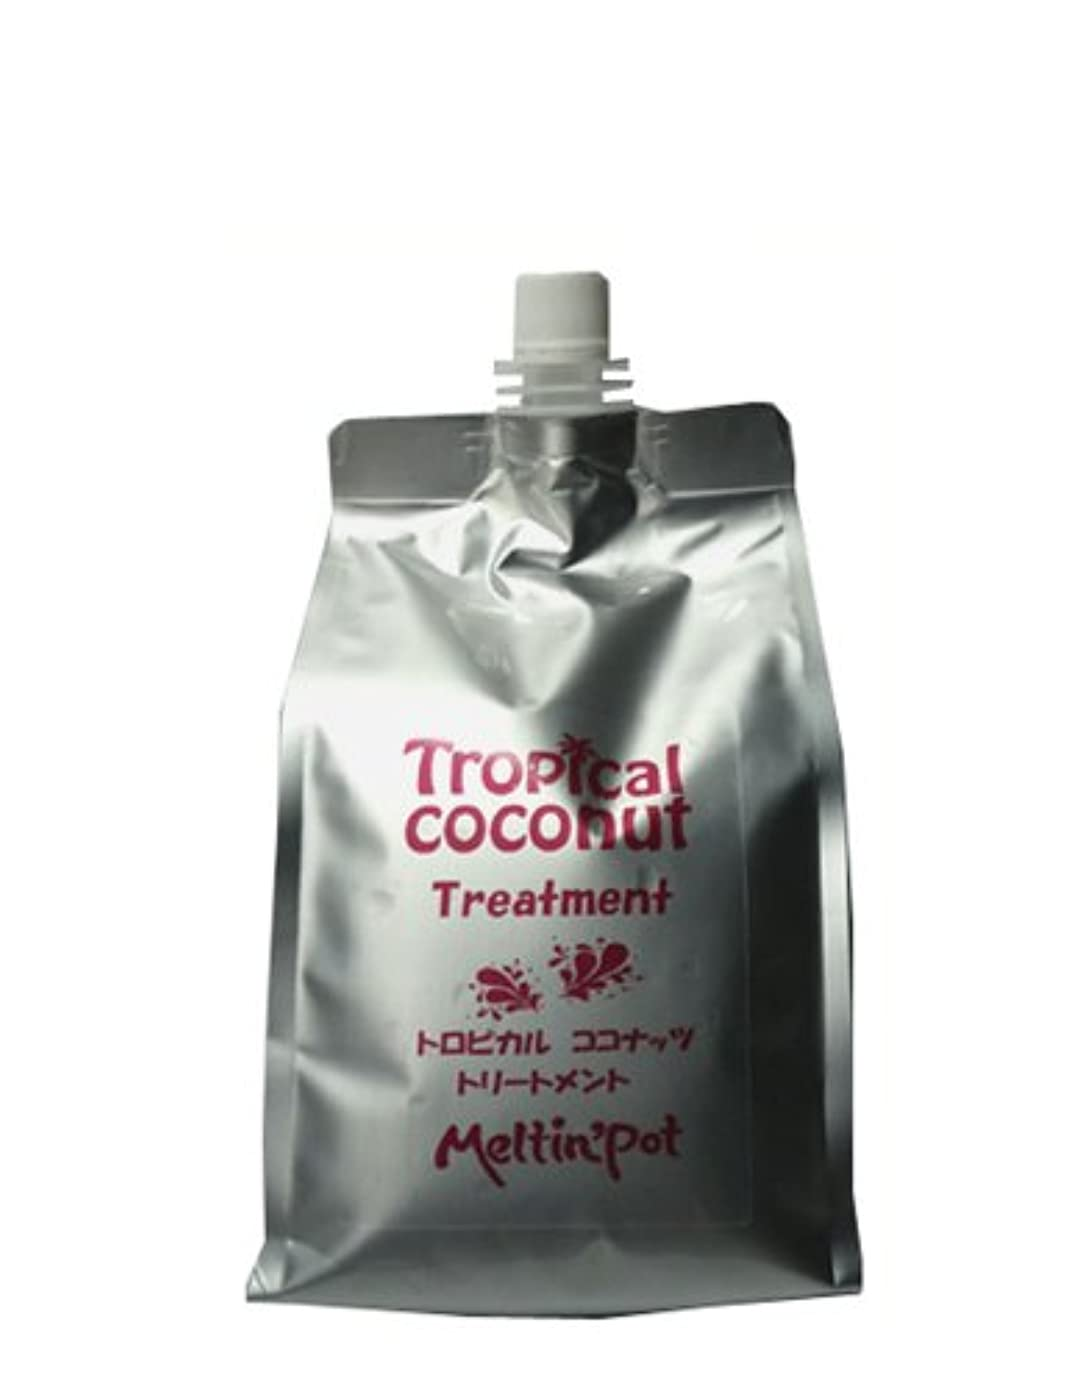 レイプおとうさん粘性のトロピカルココナッツ トリートメント 詰め替え 1000ml  Tropical coconut treatment